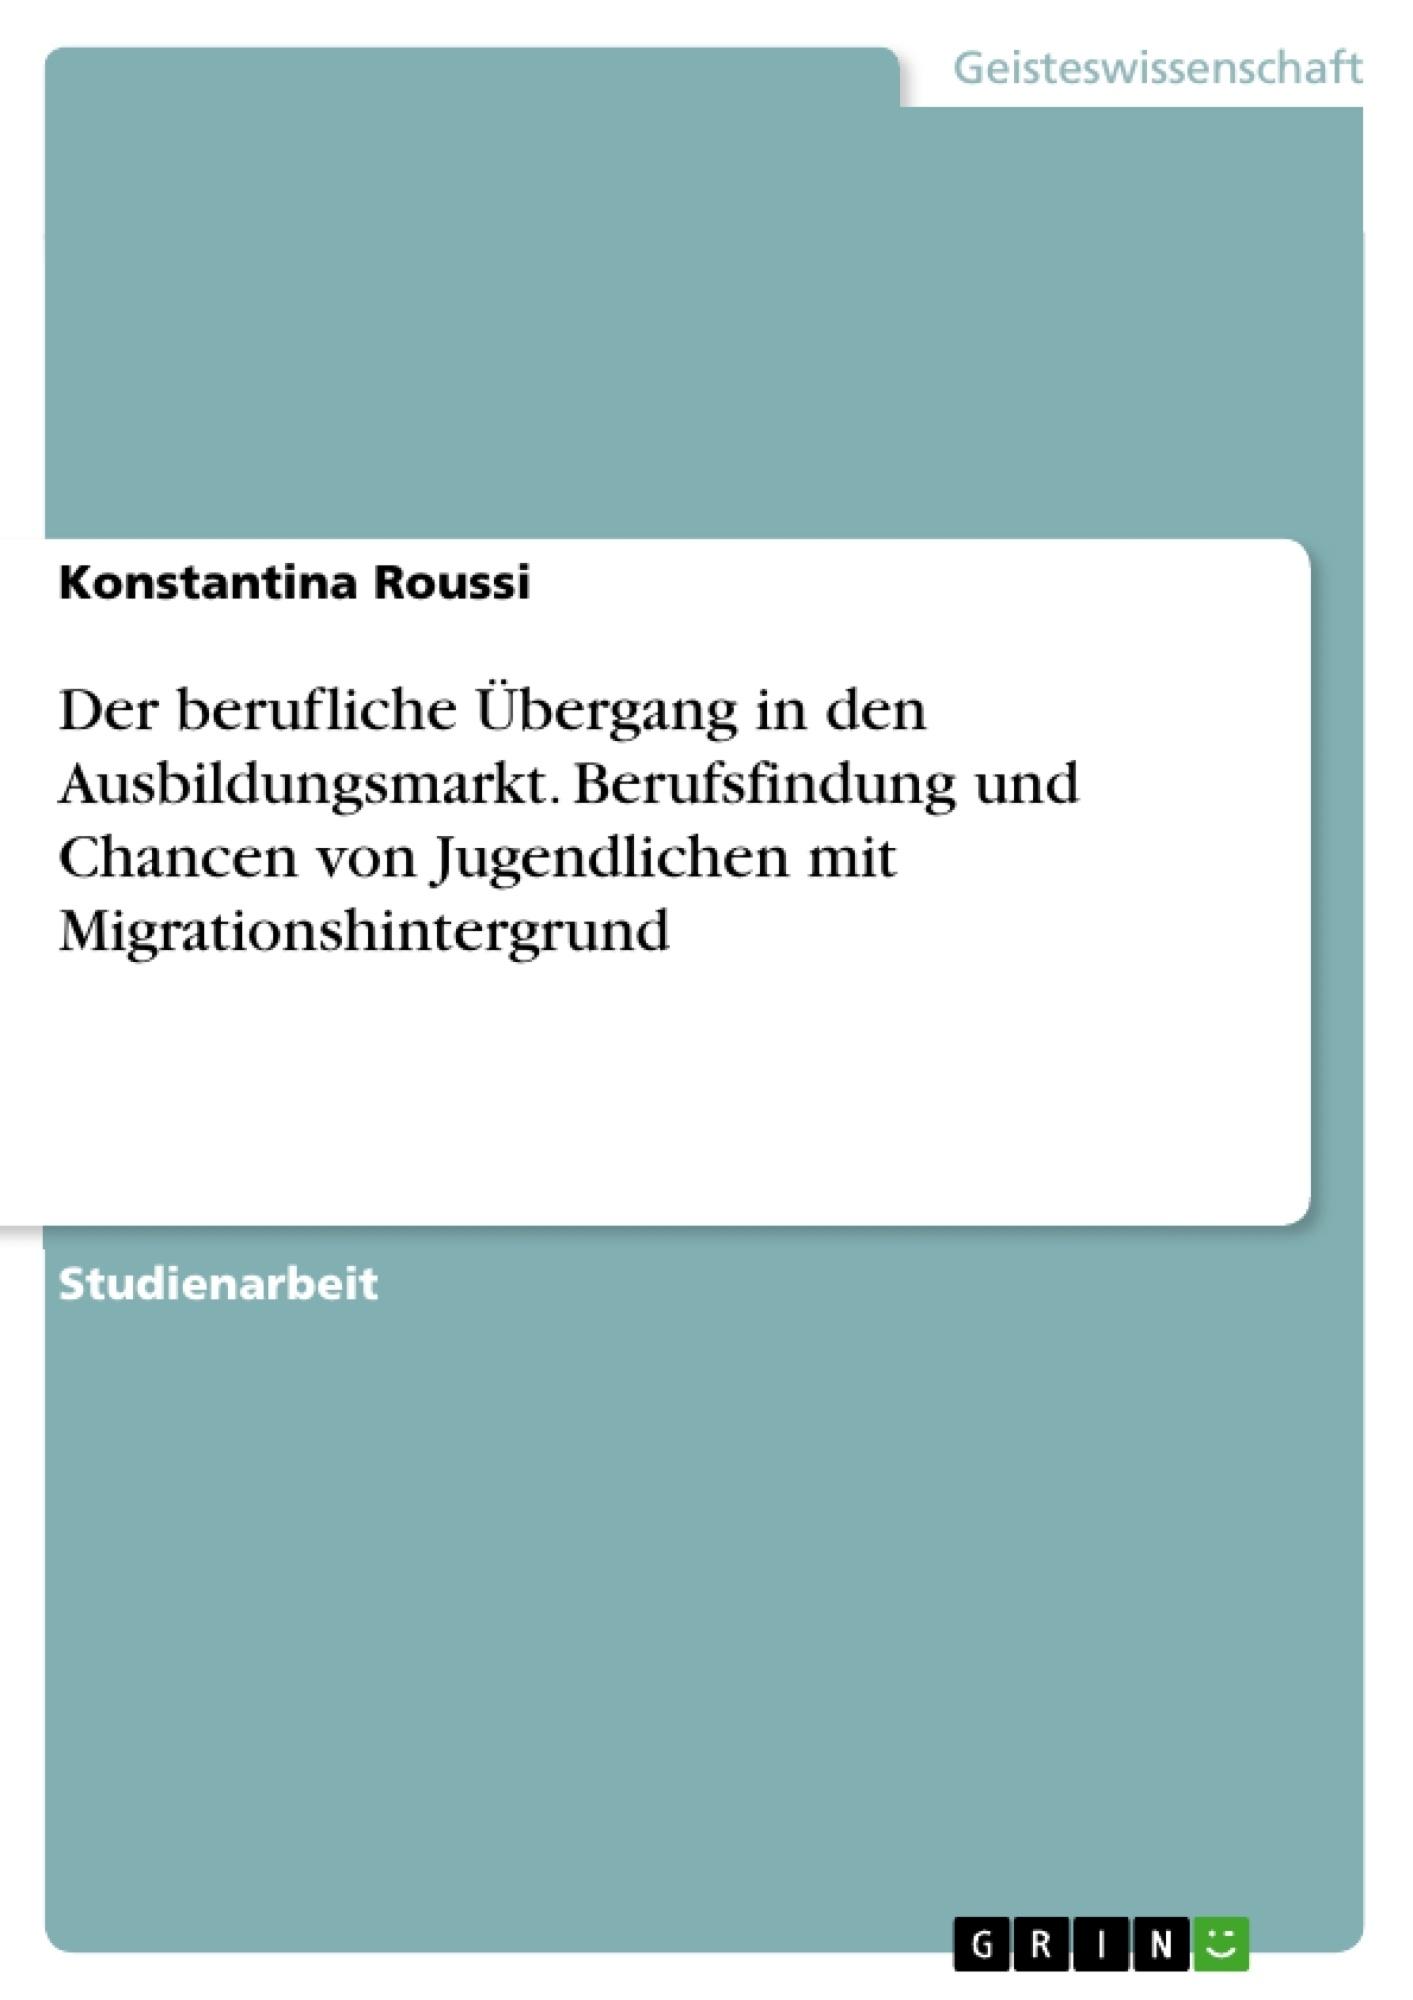 Titel: Der berufliche Übergang in den Ausbildungsmarkt. Berufsfindung und Chancen von Jugendlichen mit Migrationshintergrund